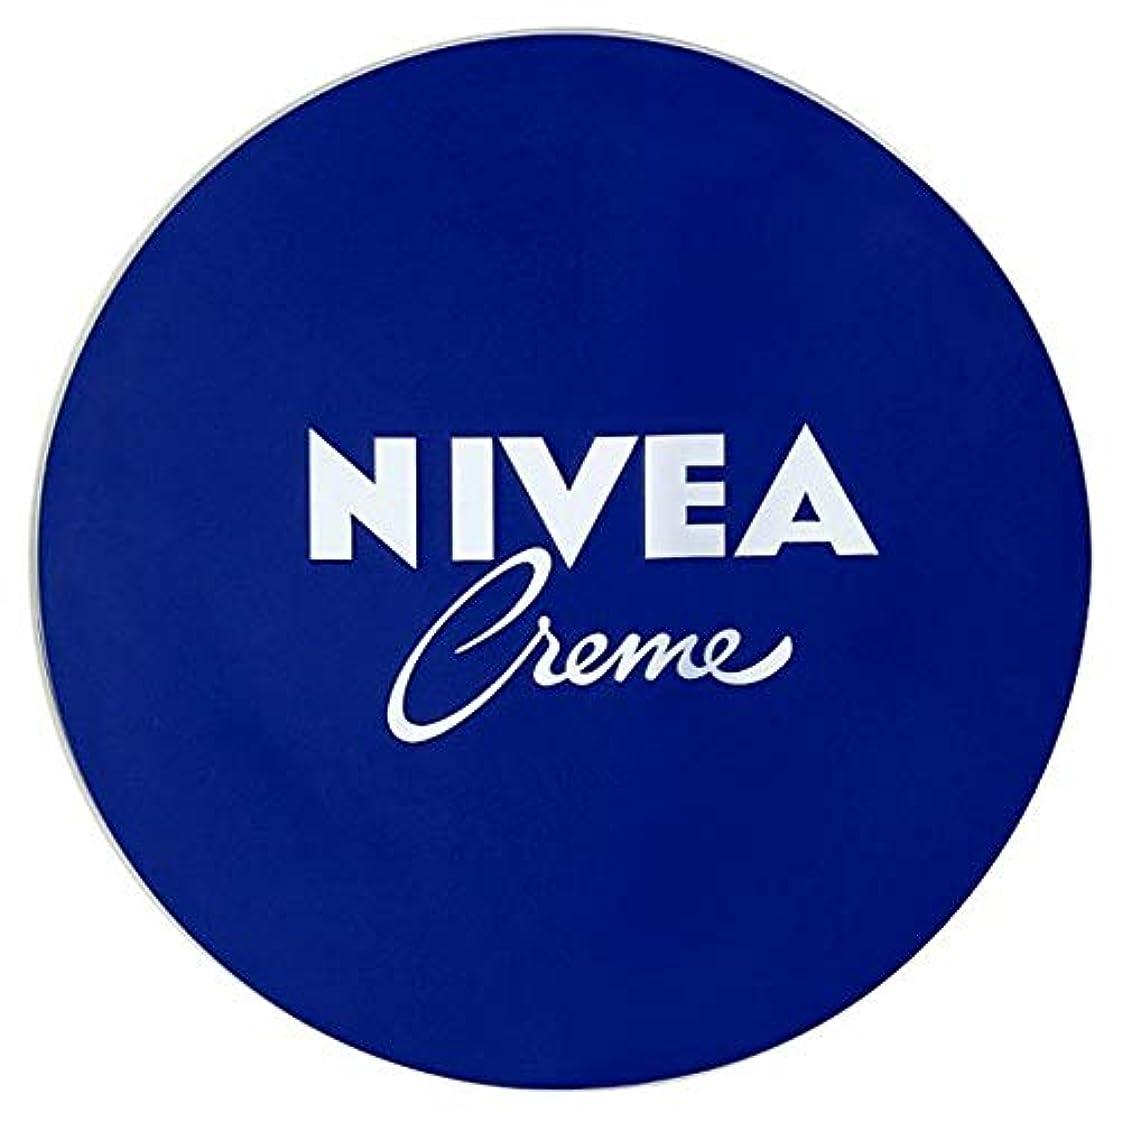 アニメーション合法渇き[Nivea] ニベアクリーム400ミリリットル - Nivea Creme 400Ml [並行輸入品]